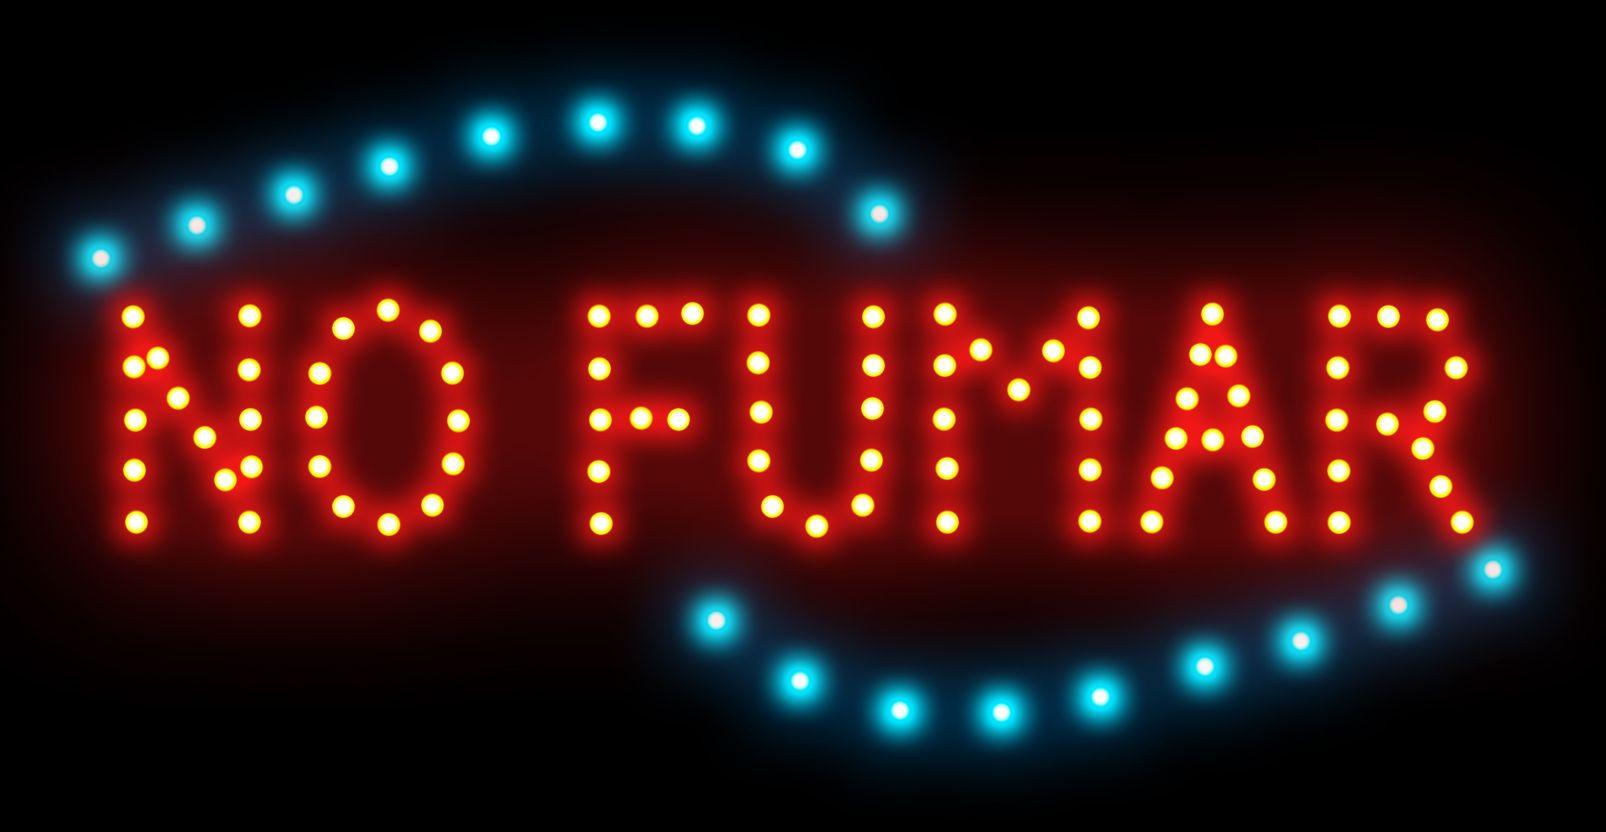 Spanisch Worte rauchverbot Neonschild maßgeschneiderten LED-Lichtzeichenlogo NO FUMAR Zeichen auffällige Slogans Innen-Größe 19 * 10 Zoll